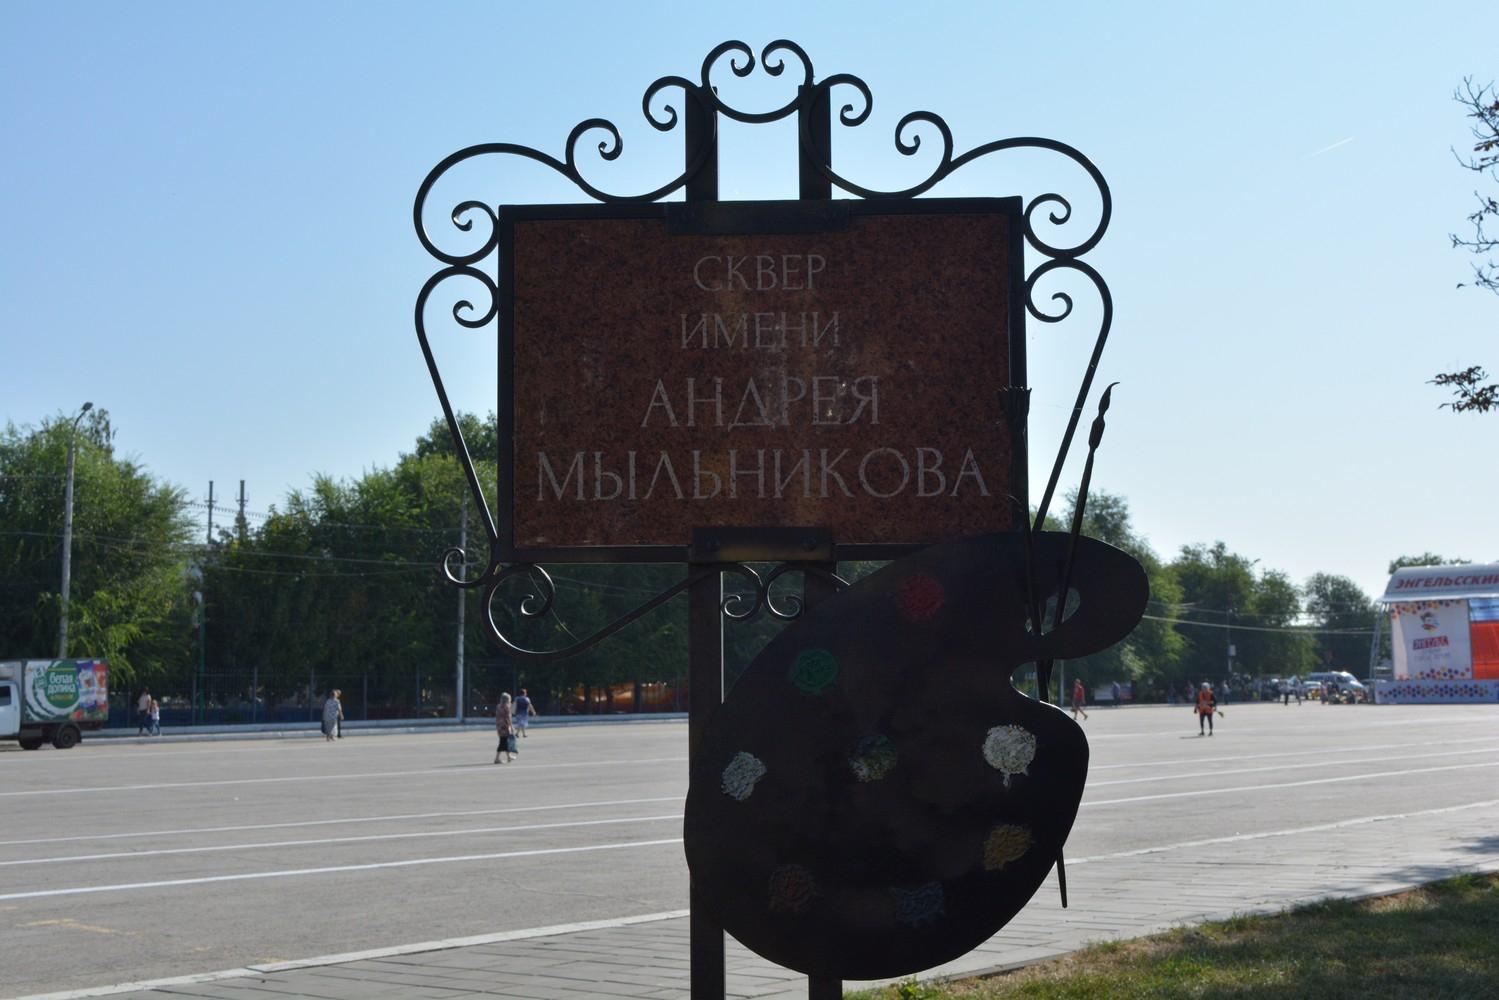 Памятник А.А.Мыльникову